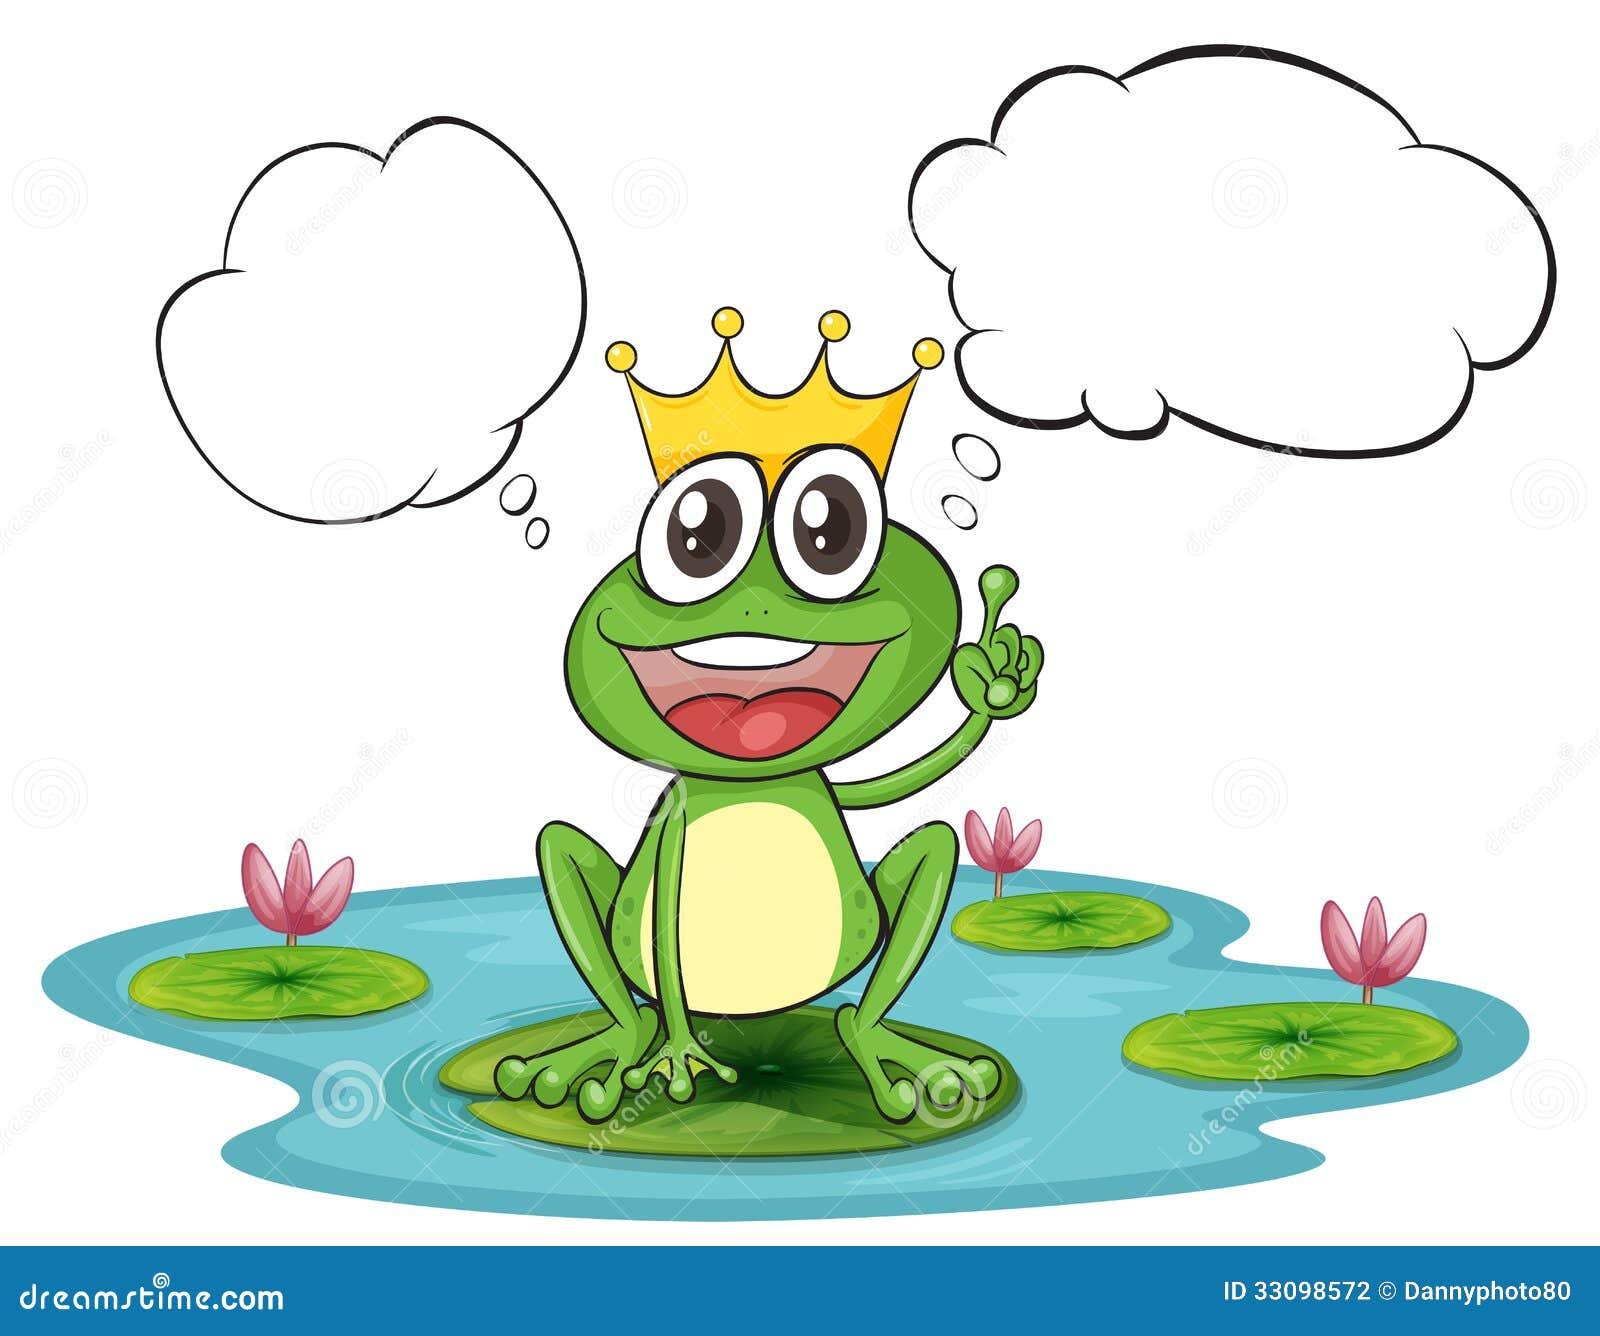 Grenouille Couronne une grenouille de pensée avec une couronne illustration de vecteur